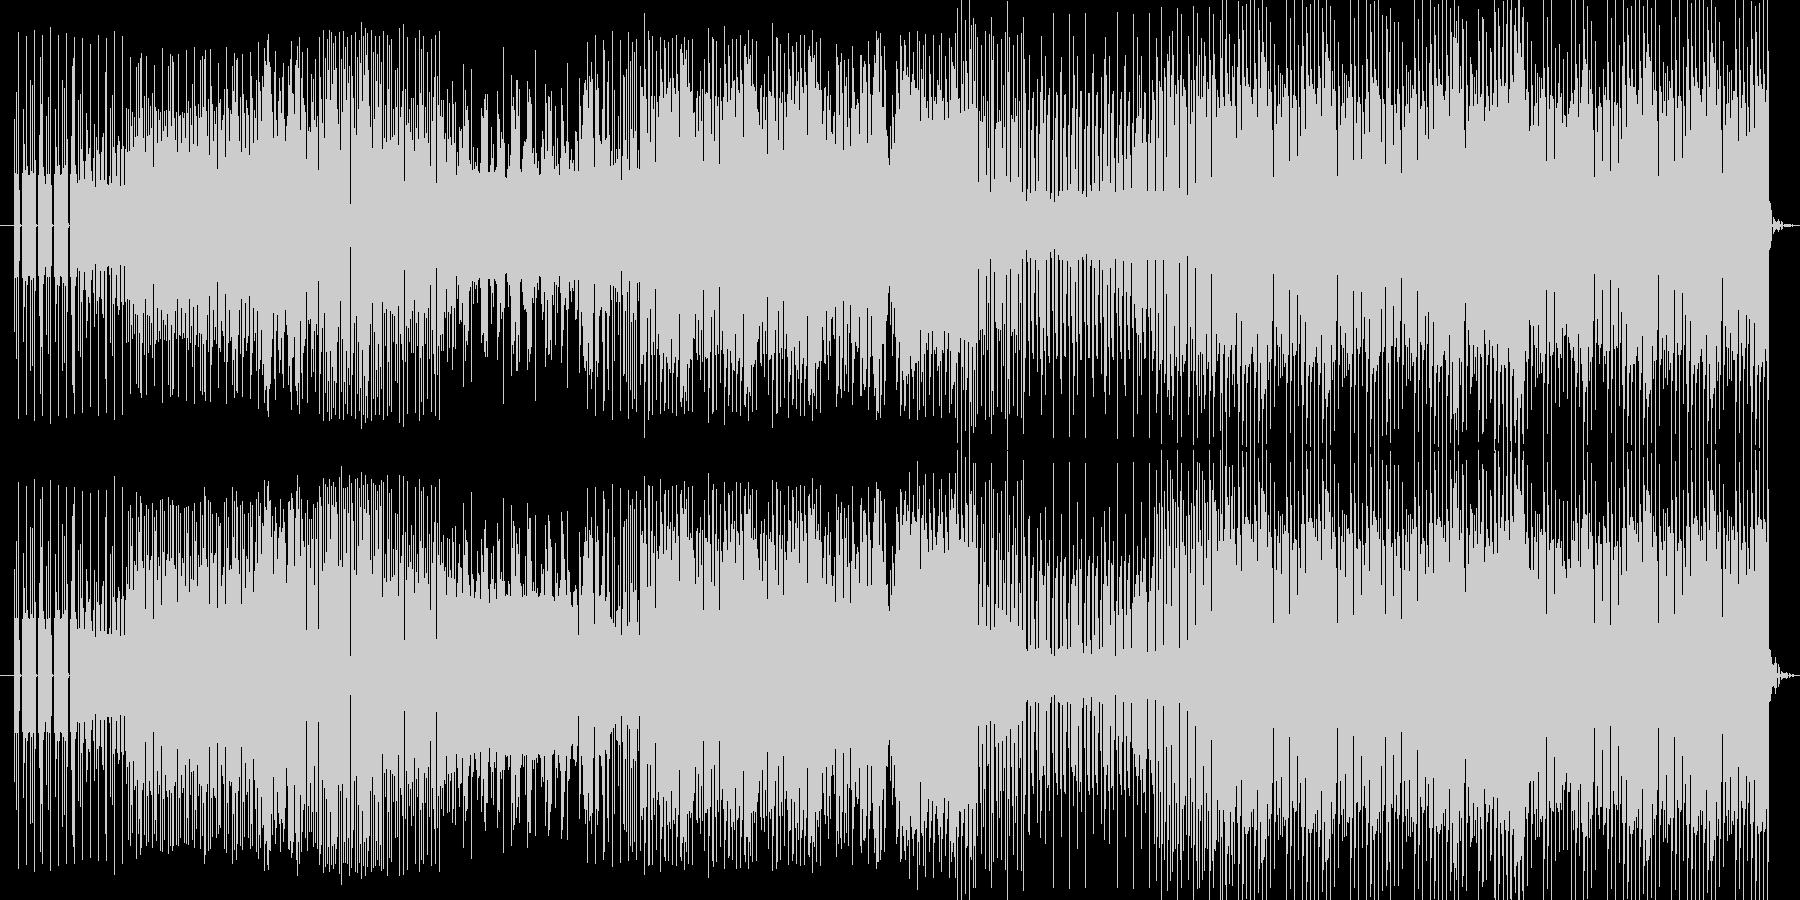 ゲーム音楽ですの未再生の波形